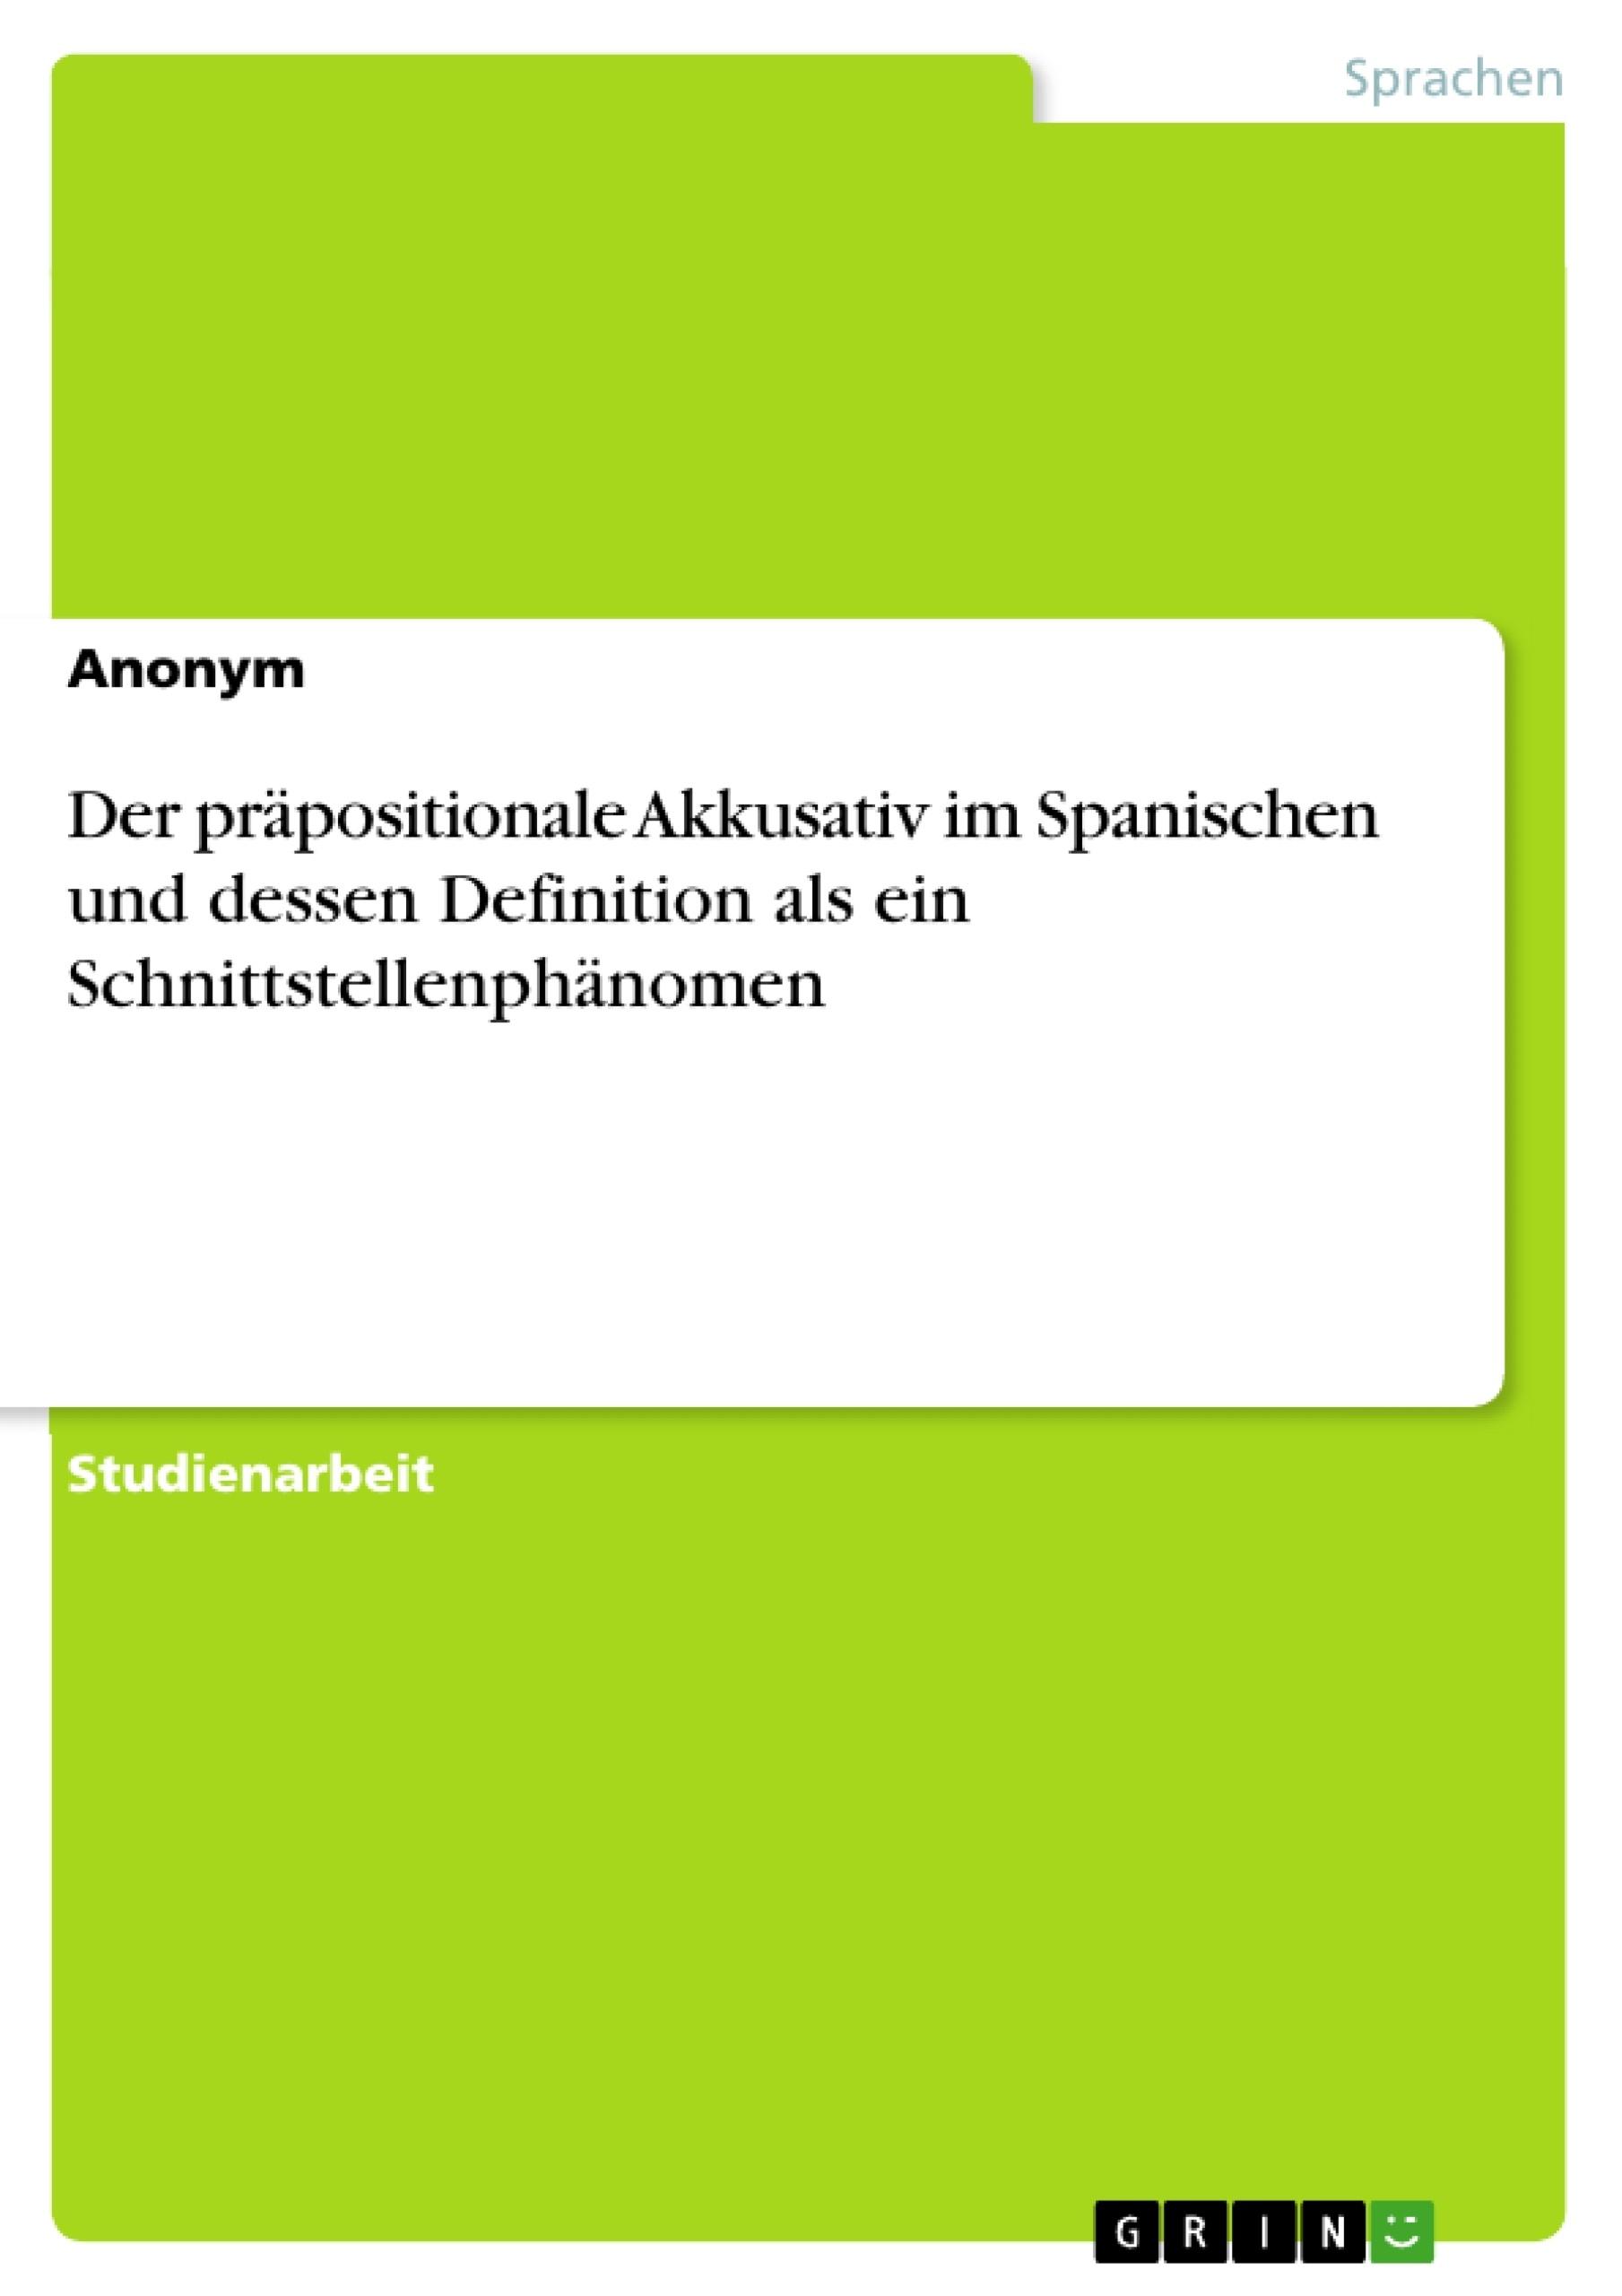 Titel: Der präpositionale Akkusativ im Spanischen und dessen Definition als ein Schnittstellenphänomen